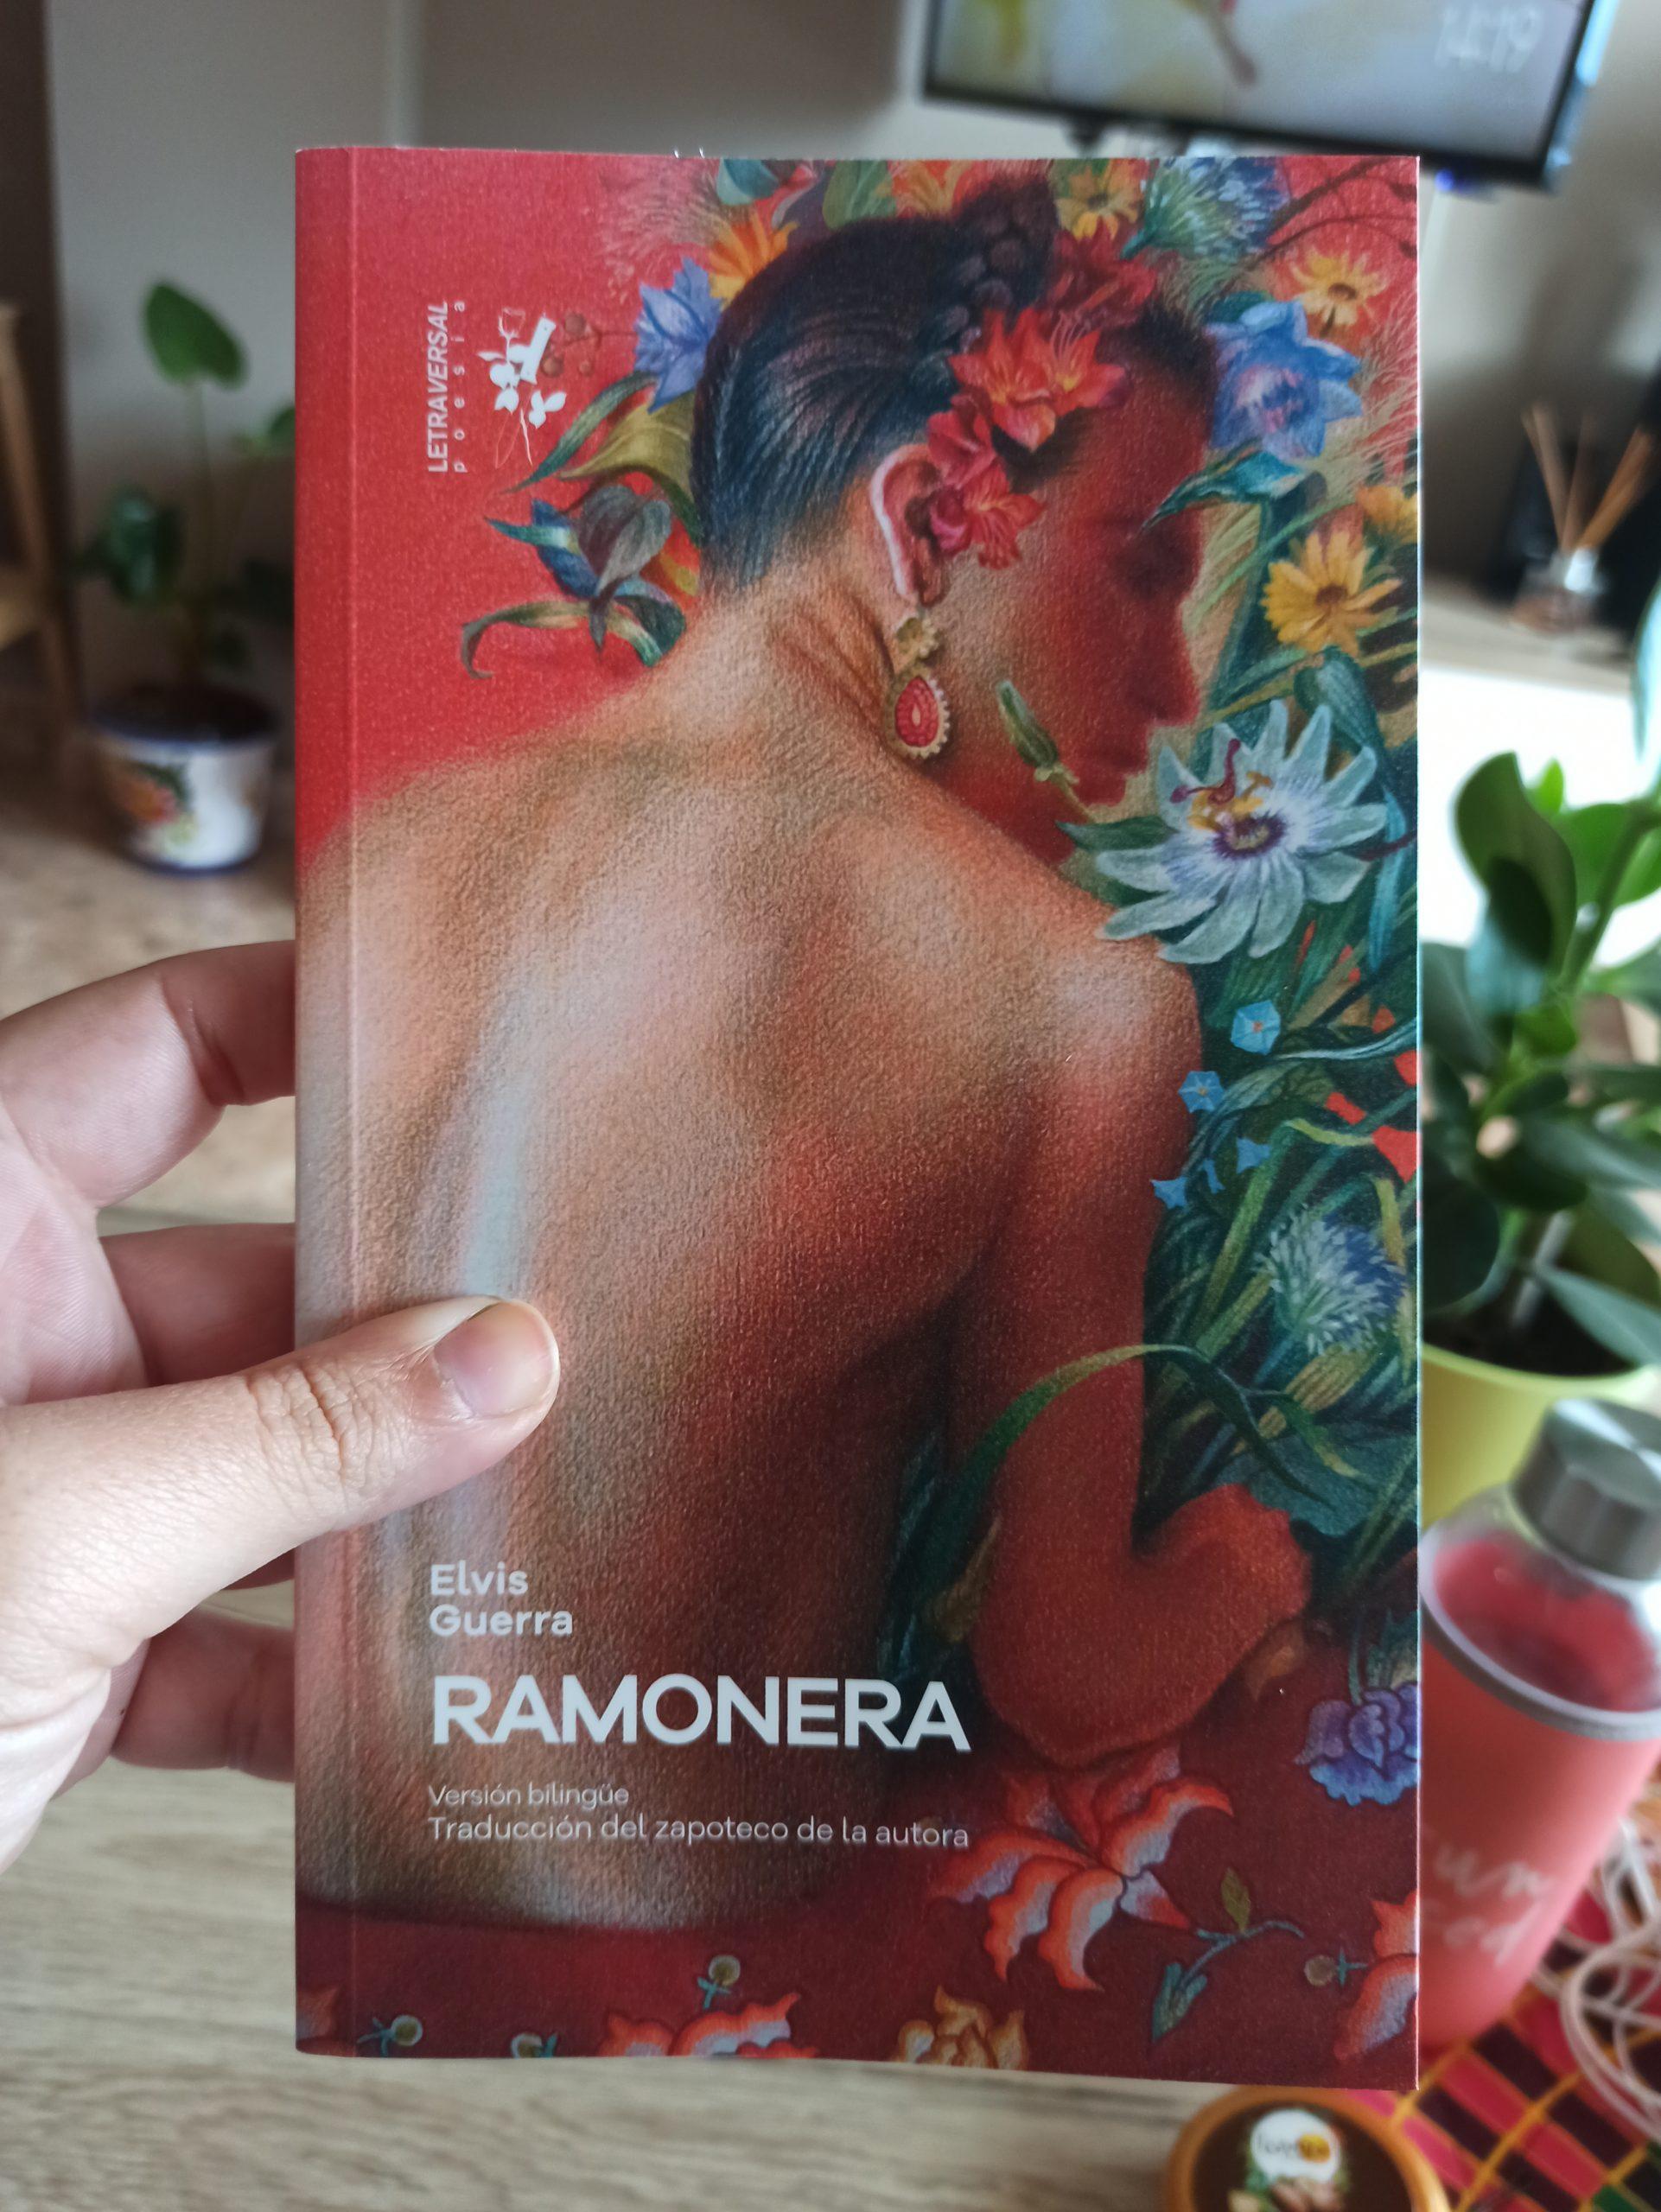 RAMONERA, de Elvis Guerra.